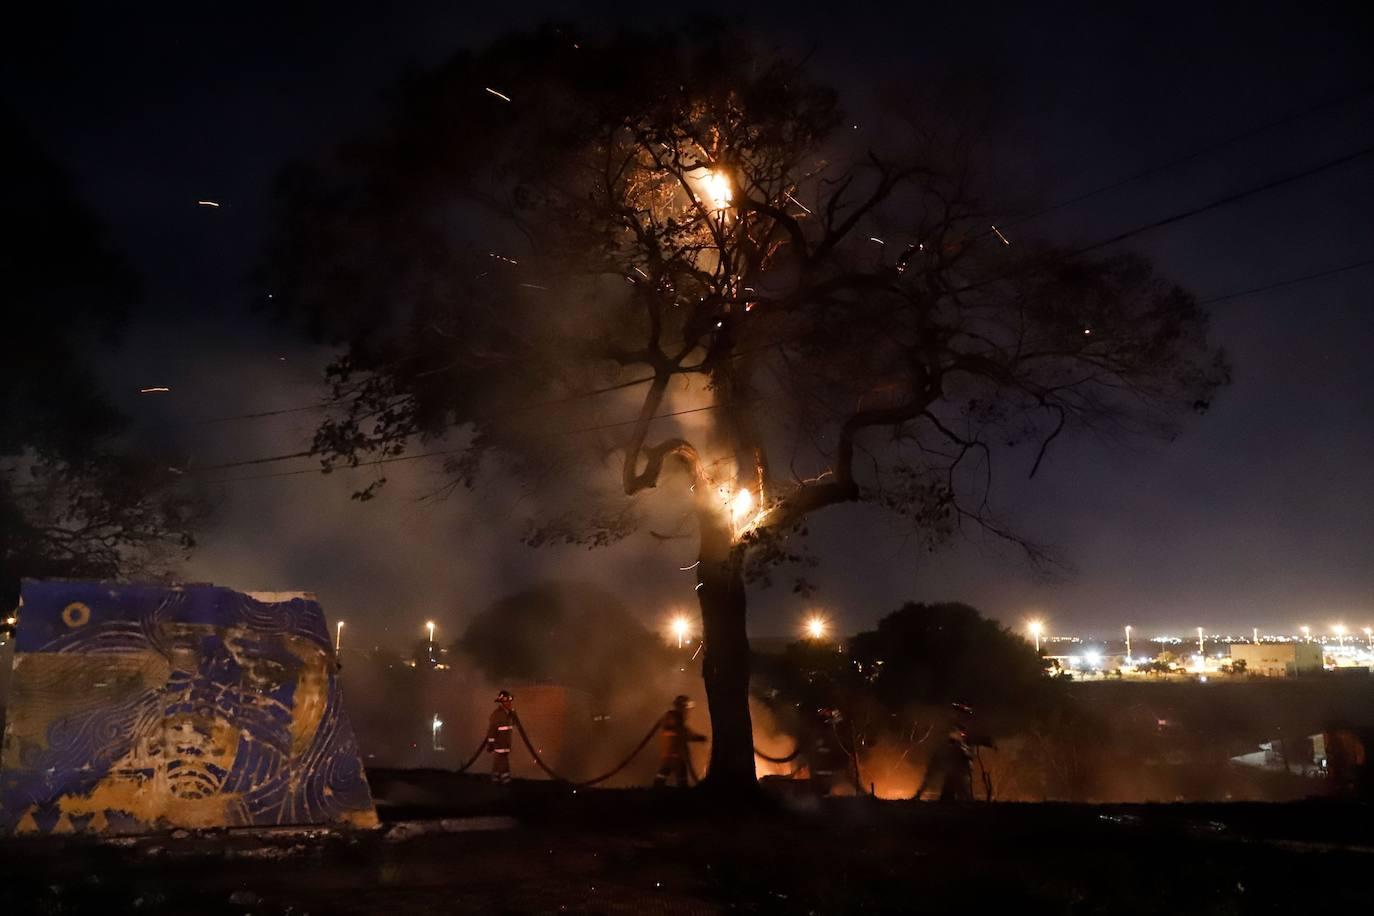 Navidad en llamas: Incendio por juegos pirotécnicos arrasó con uno de los barrios  más humildes de Paraguay